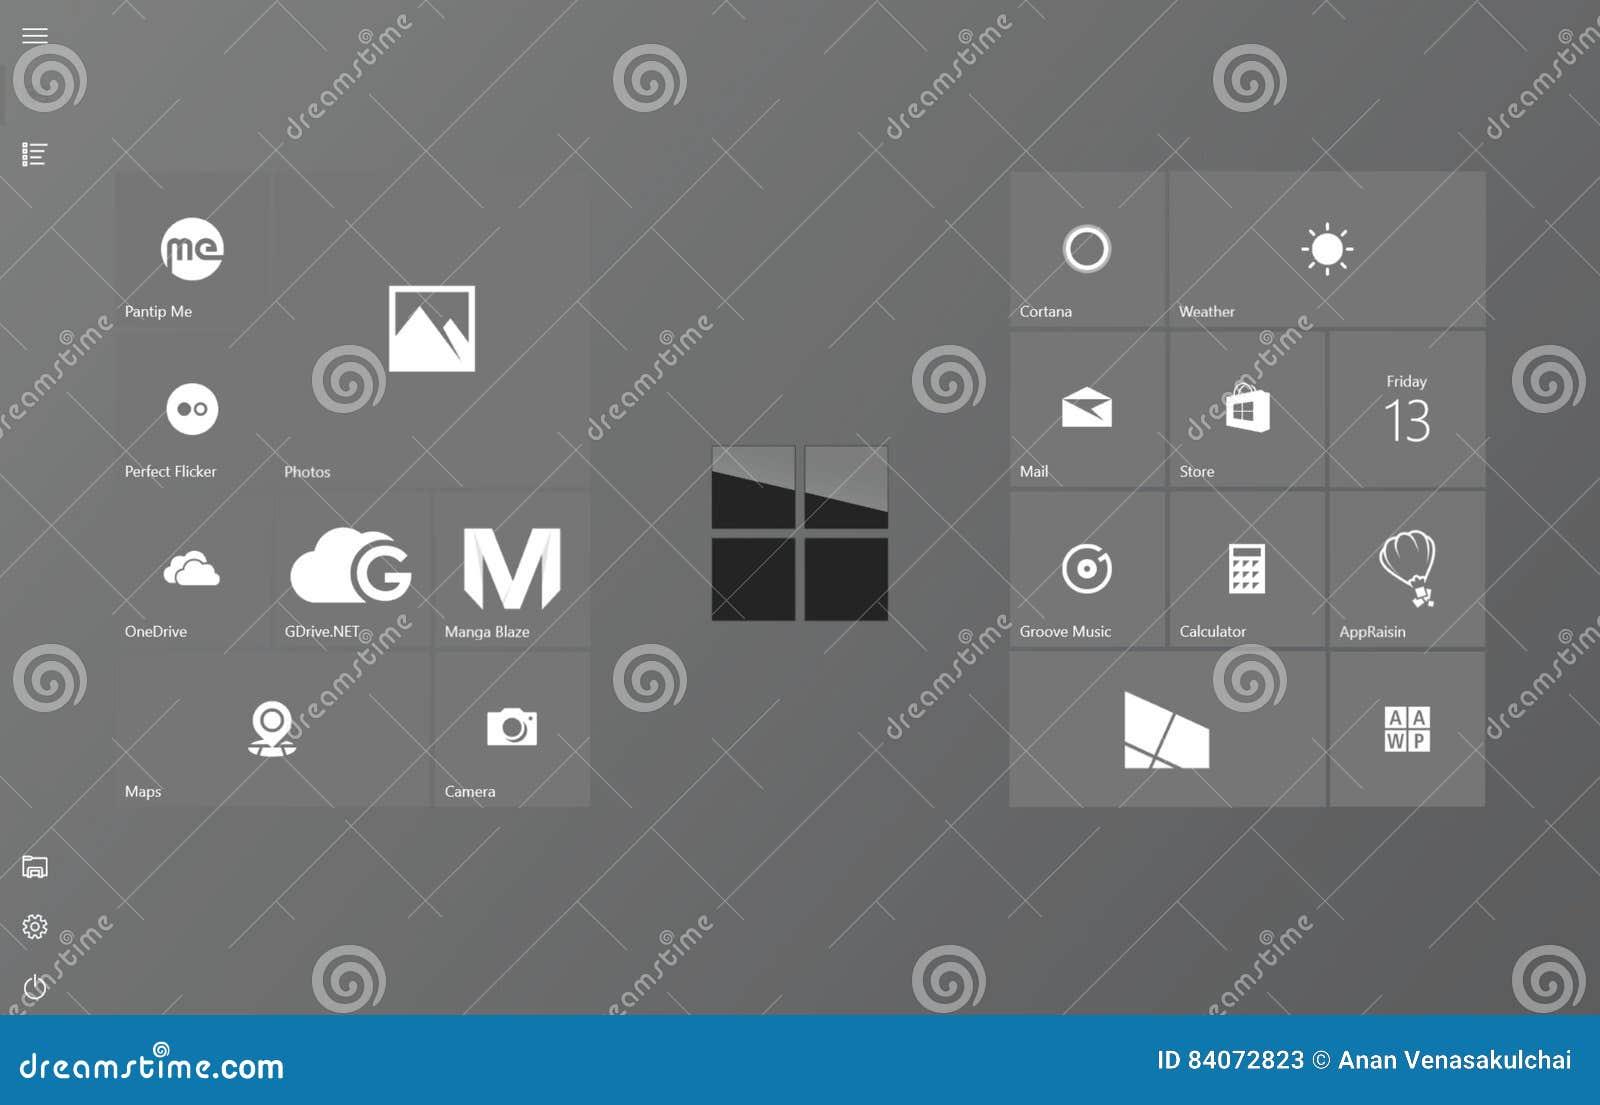 Tela limpa e elegante do começo do modo da tabuleta de Windows 10